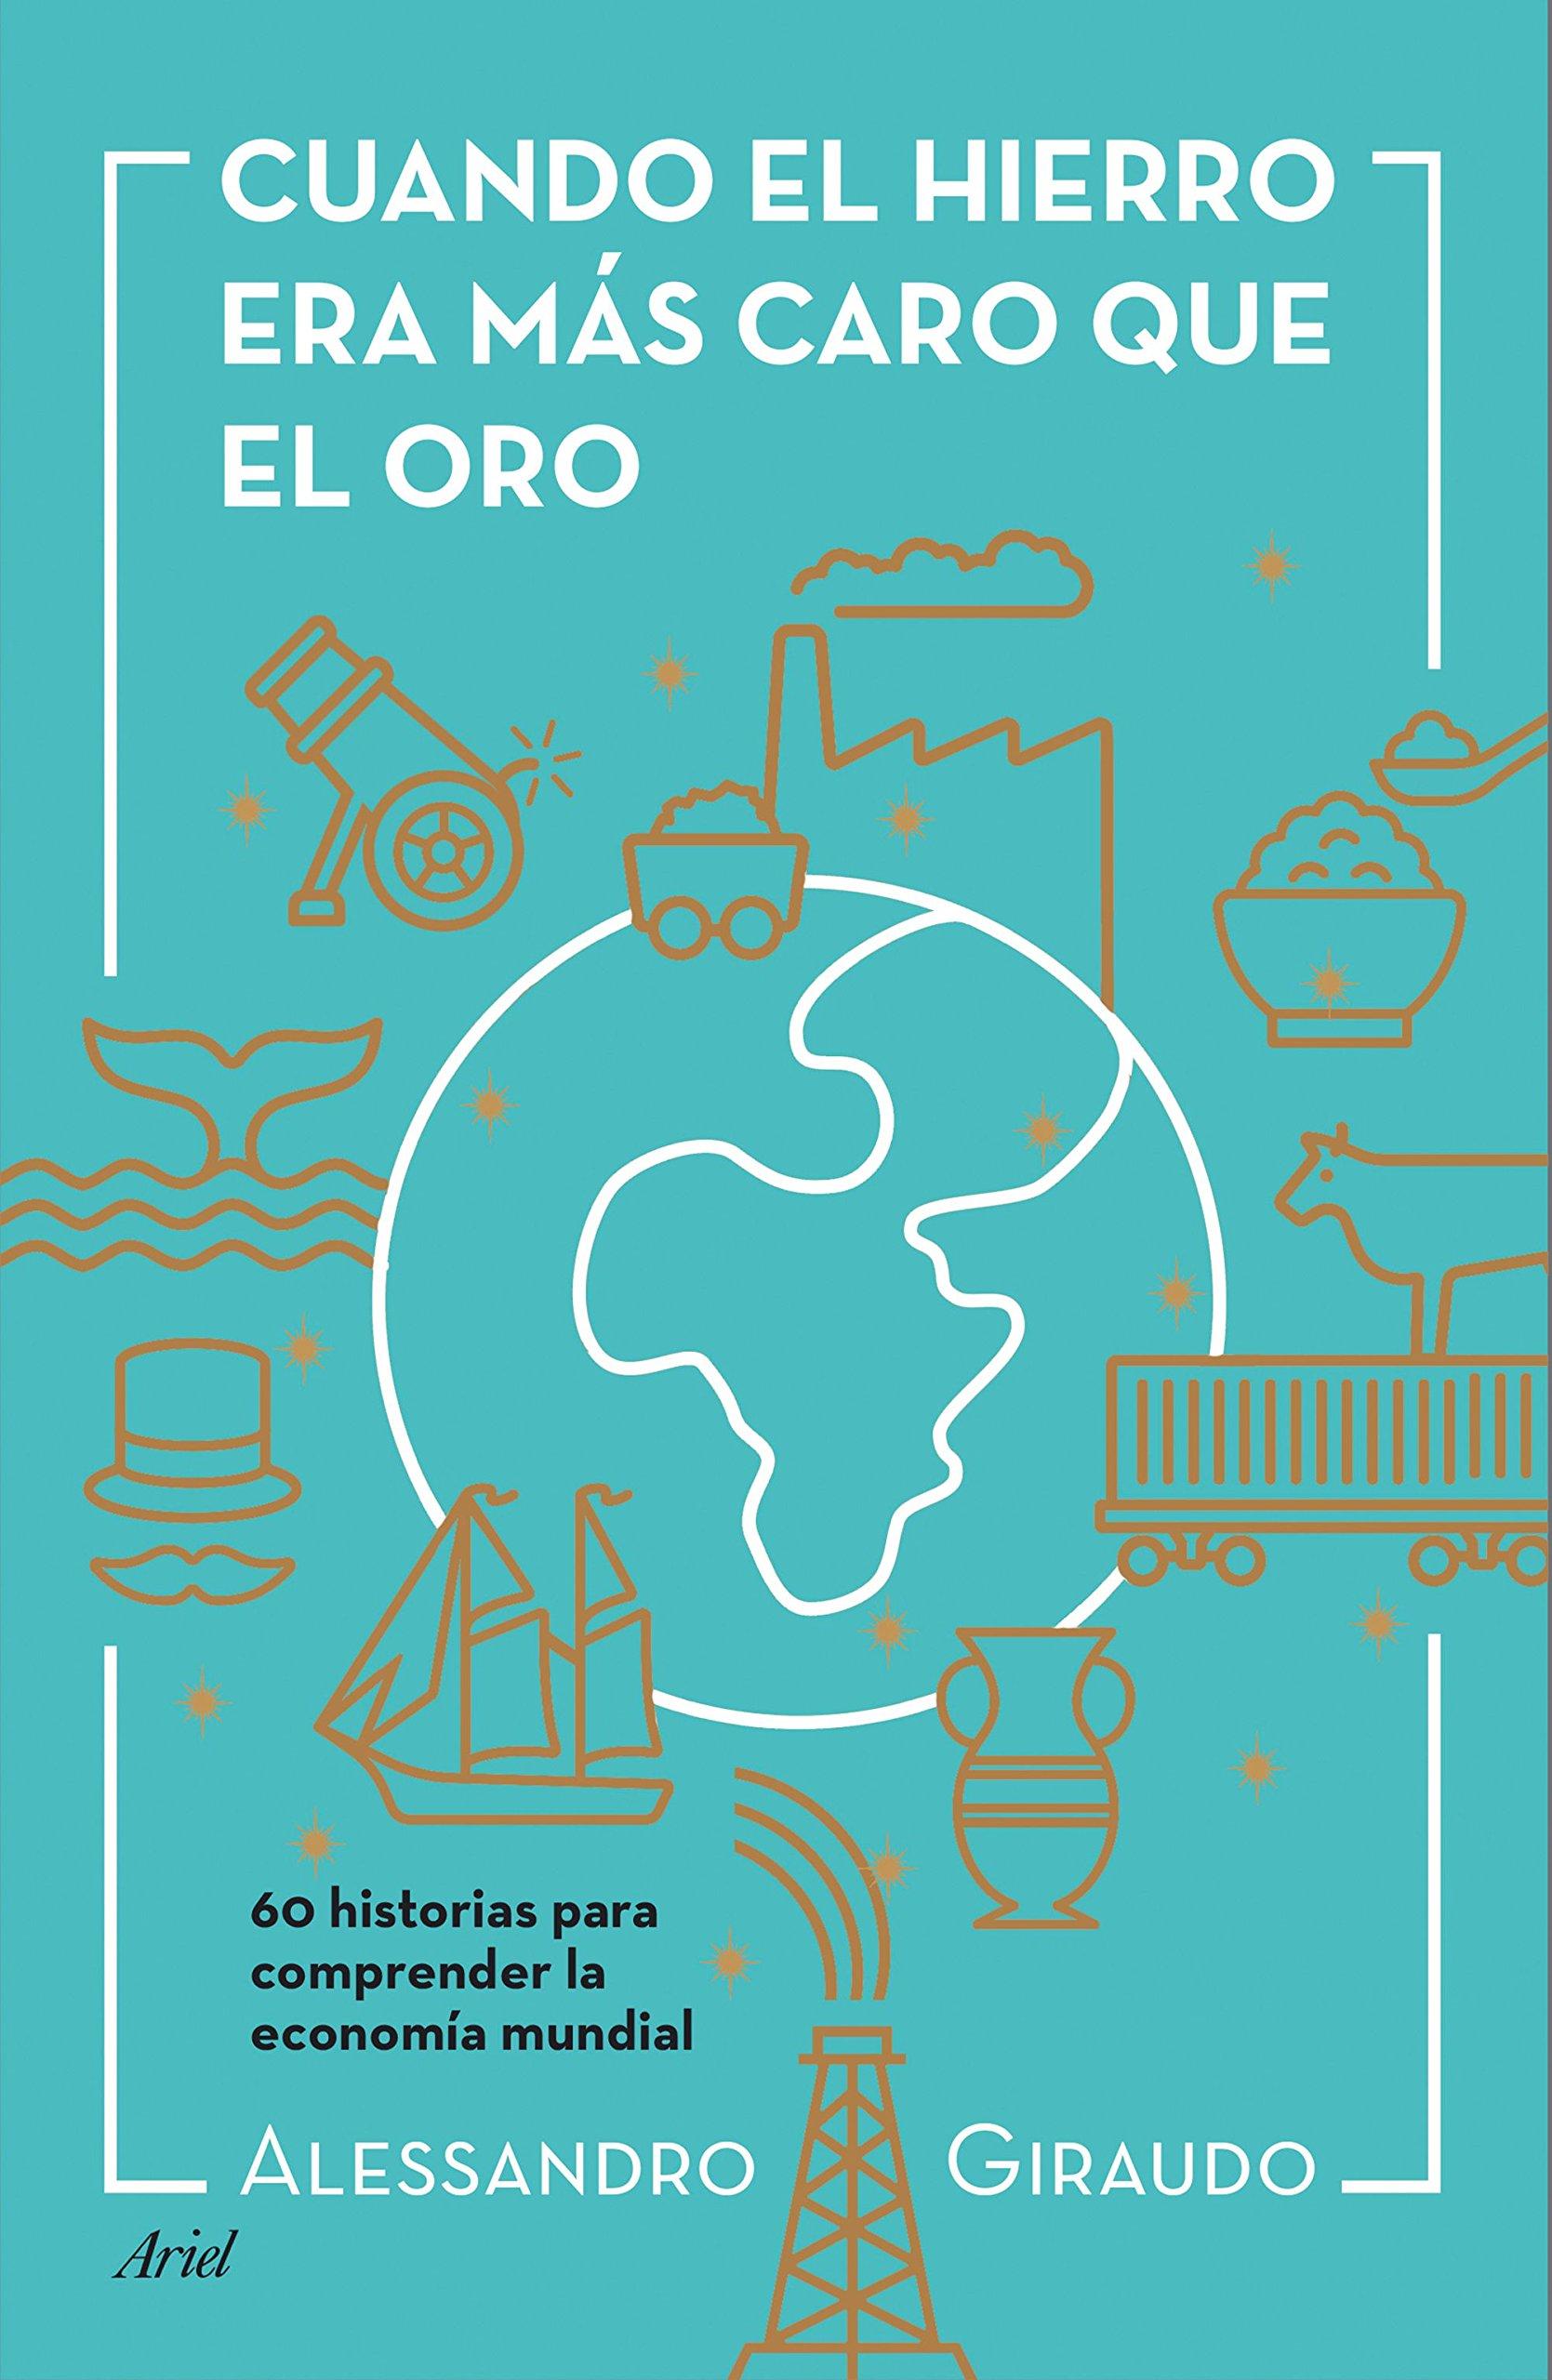 Cuando el hierro era más caro que el oro: 60 historias para entender la economía mundial Ariel: Amazon.es: Alessandro Giraudo, Isabel Margelí Bailo: Libros